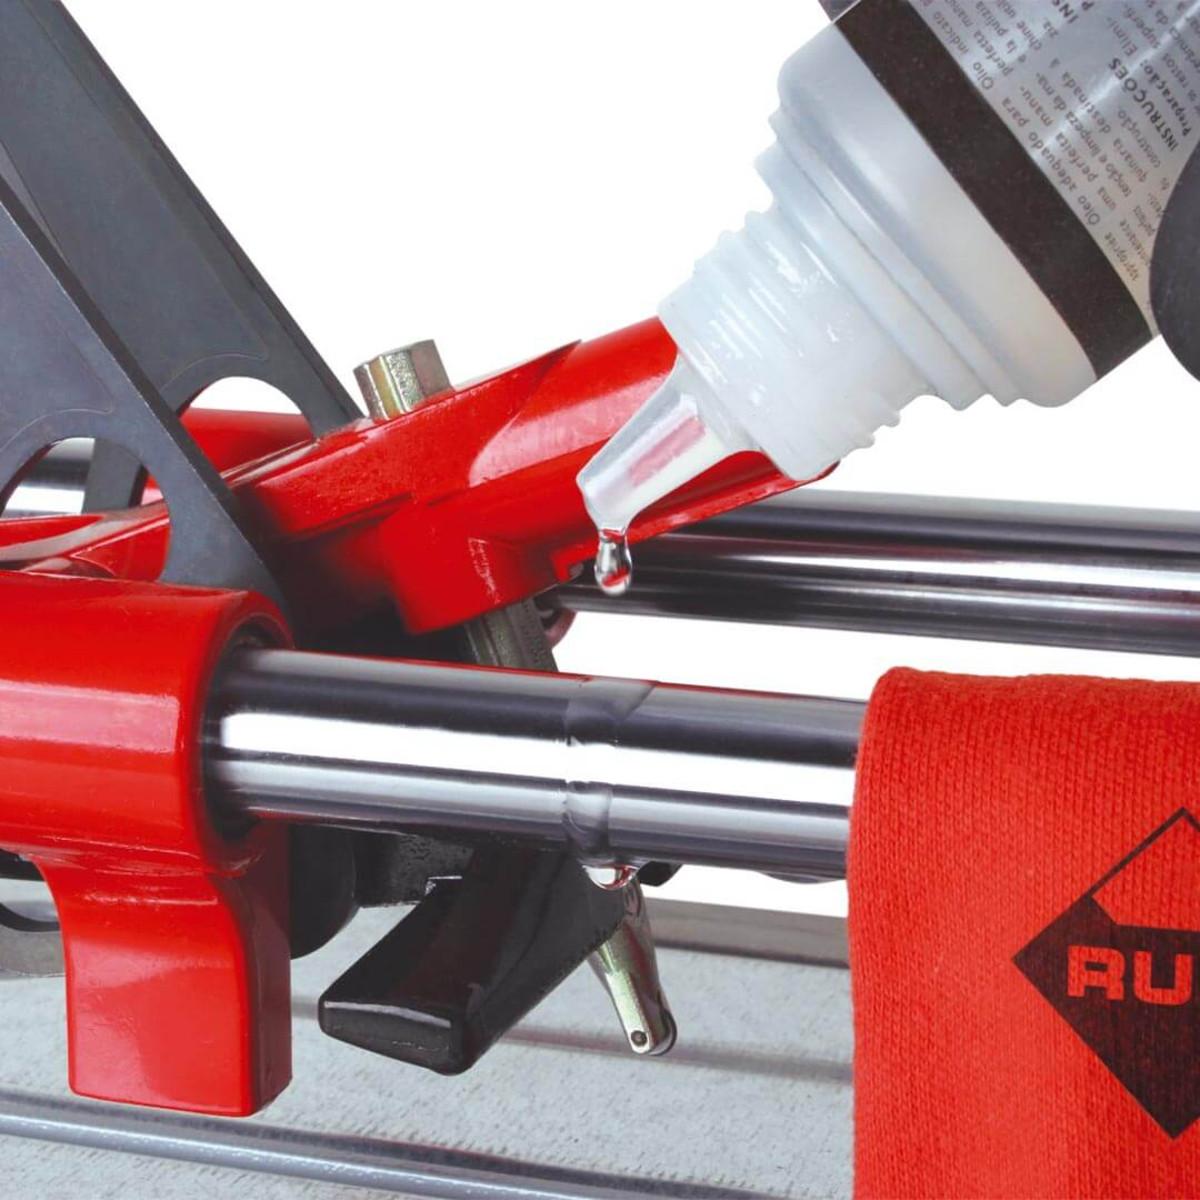 18980 Rubi Tools kit tile cutter